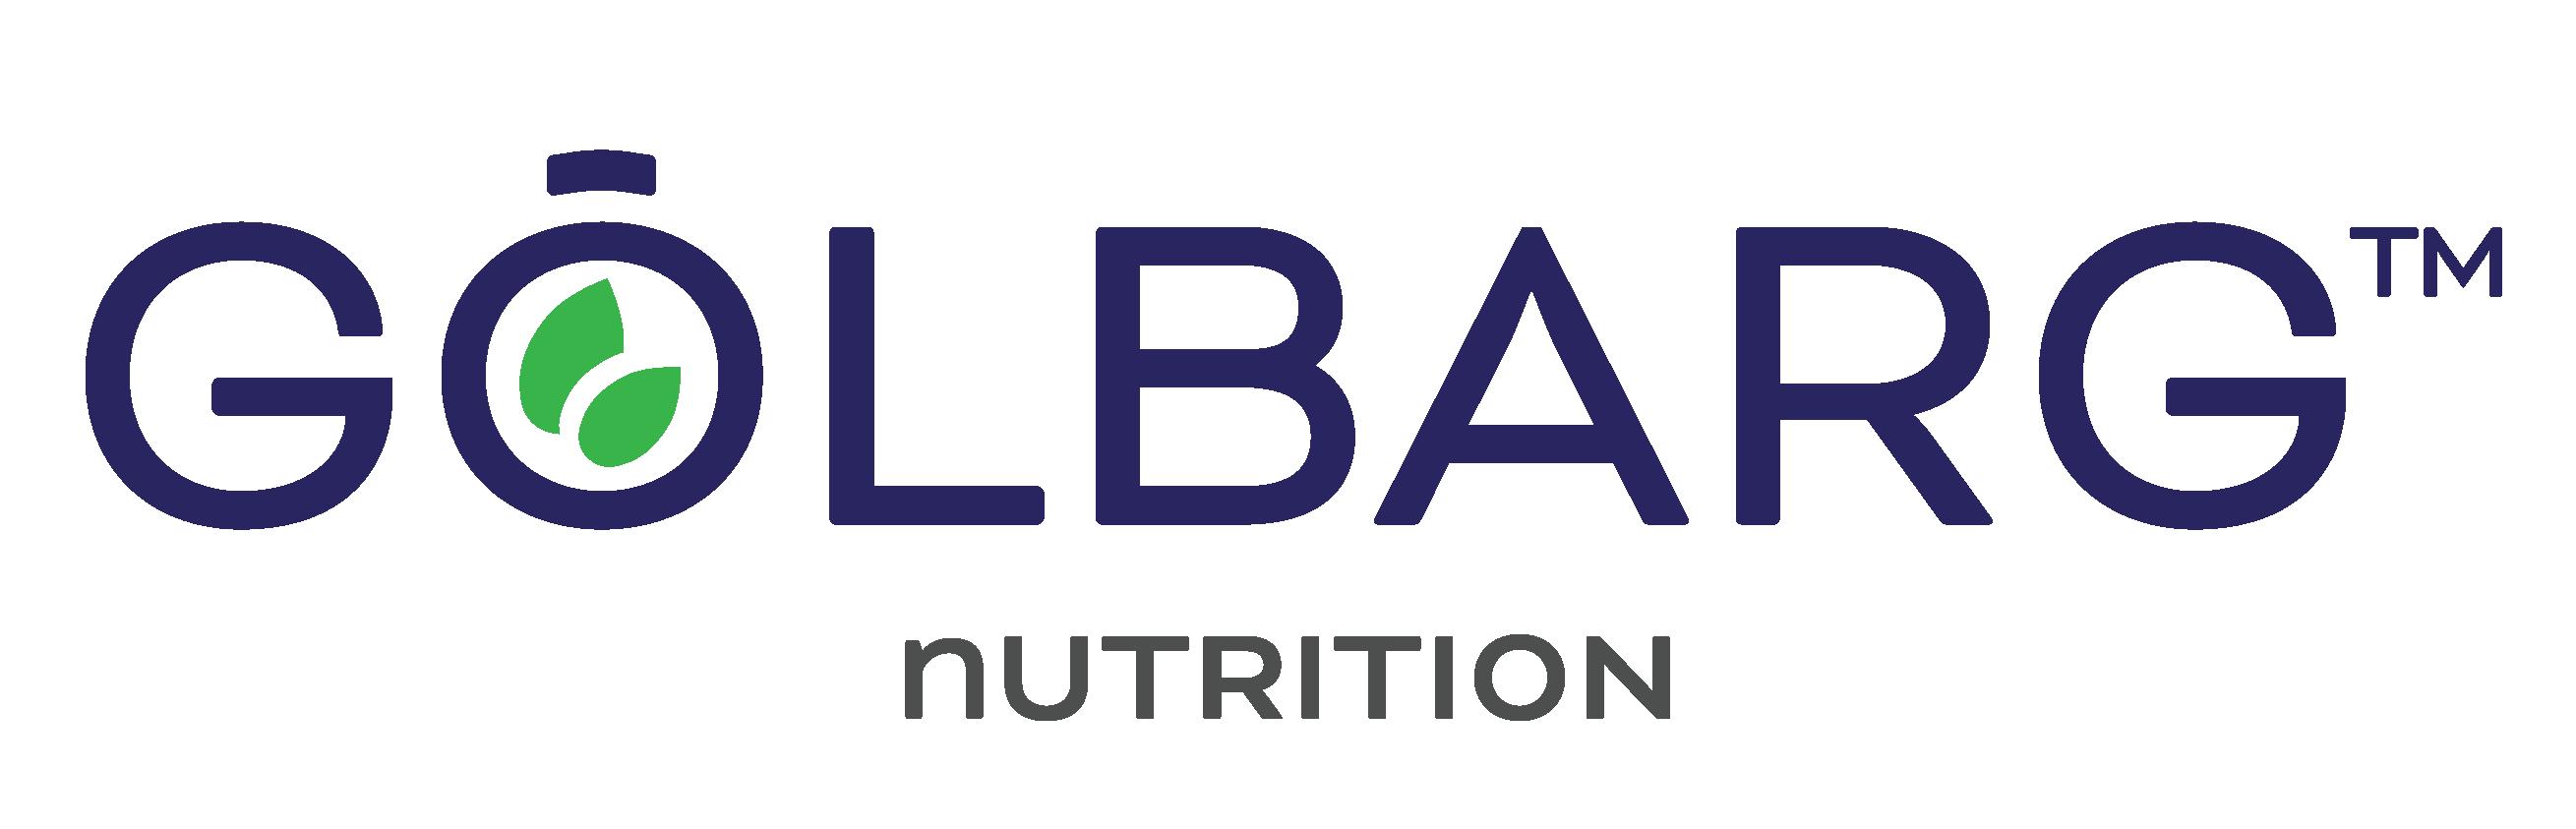 Golbarg Nutrition Logo